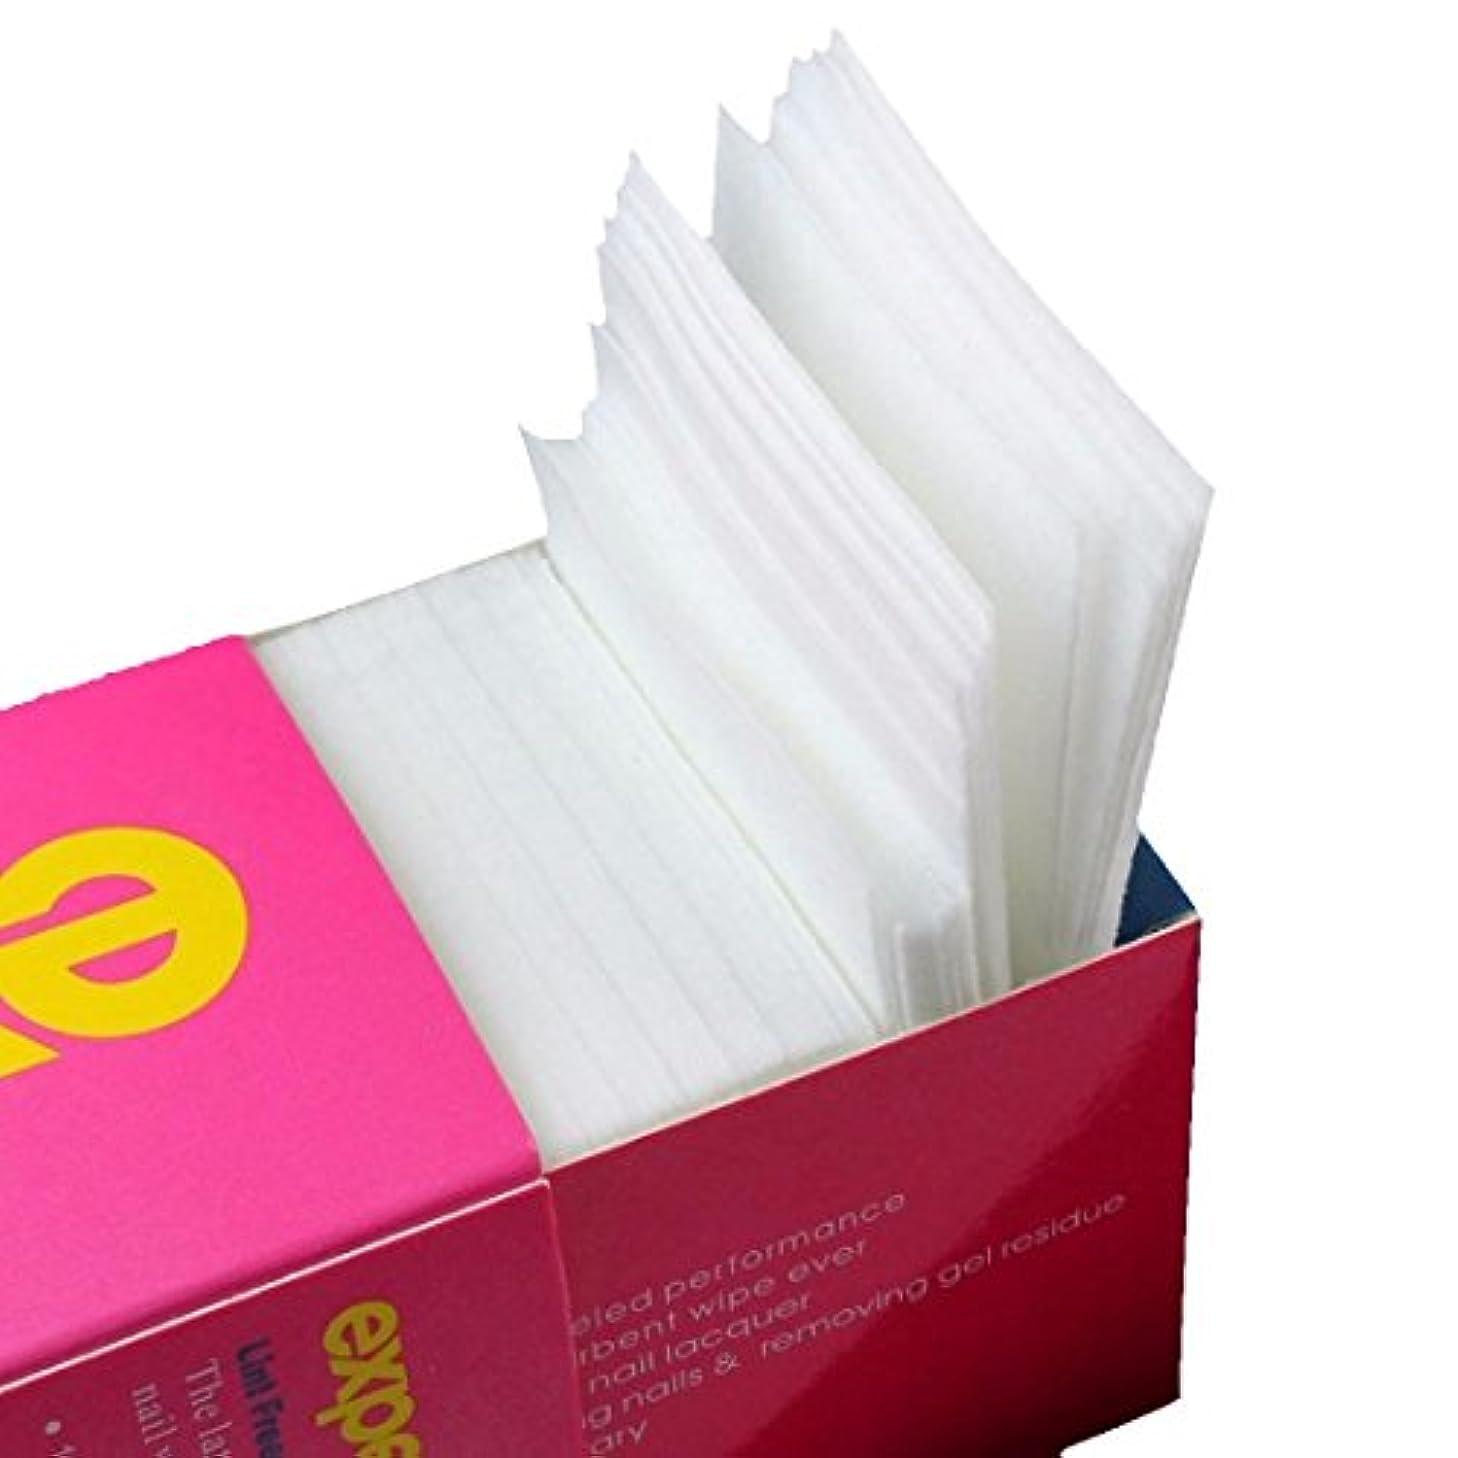 今オピエートハンサムNrpfell 325枚ネイルワイプリントフリーコットンパッド、ネイルジェル除去用不織布綿シートネイルポリッシュクリーニングパッド